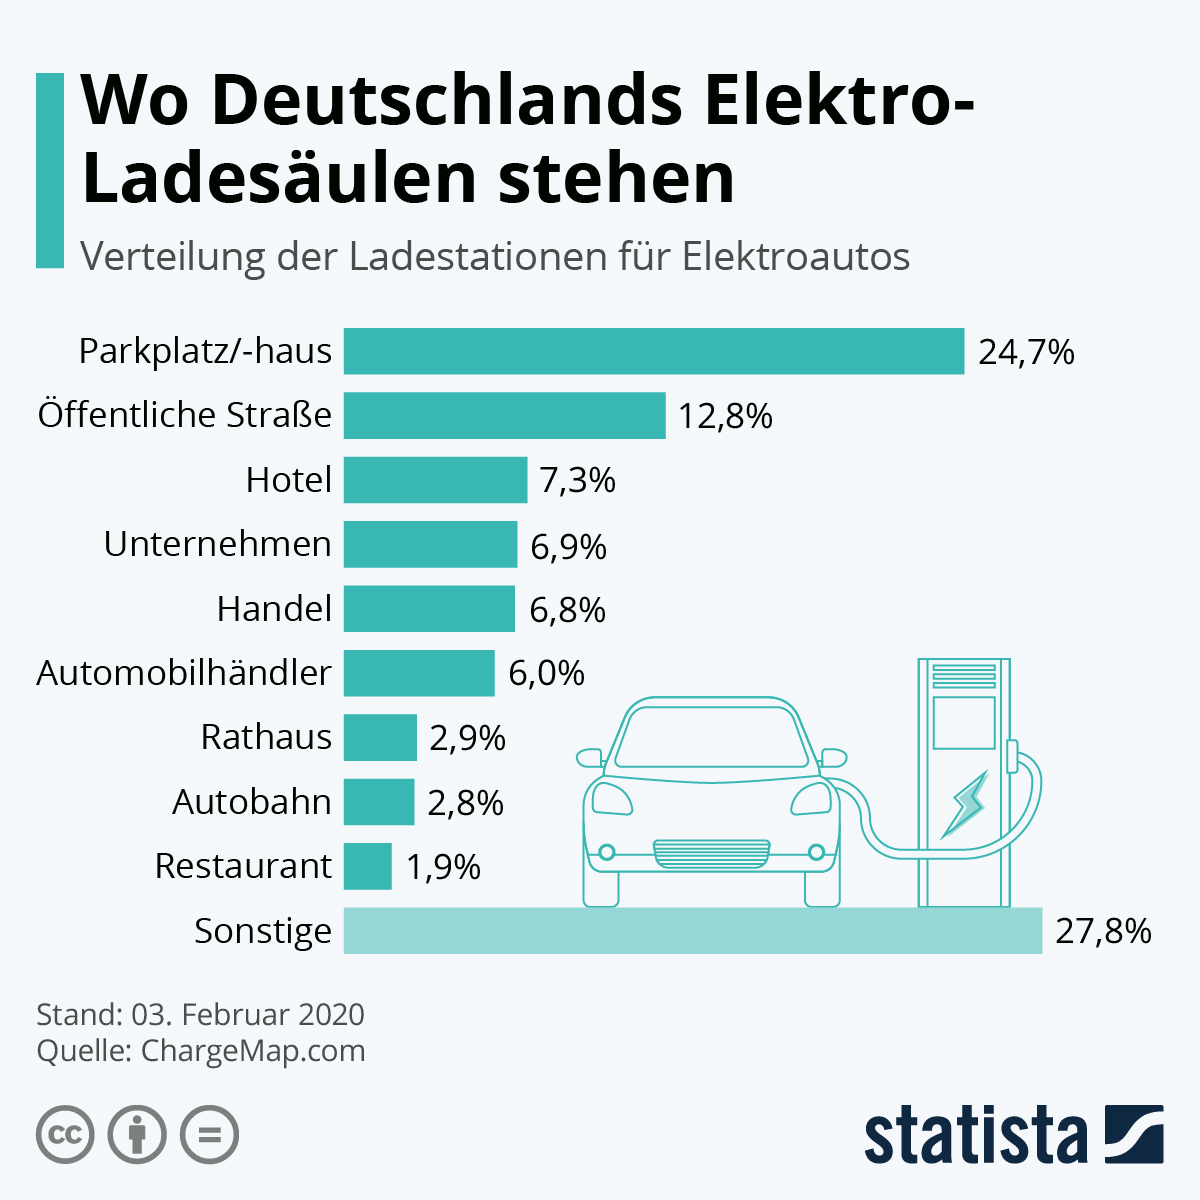 Infografik: Wo Deutschlands Elektro-Ladesäulen stehen | Statista